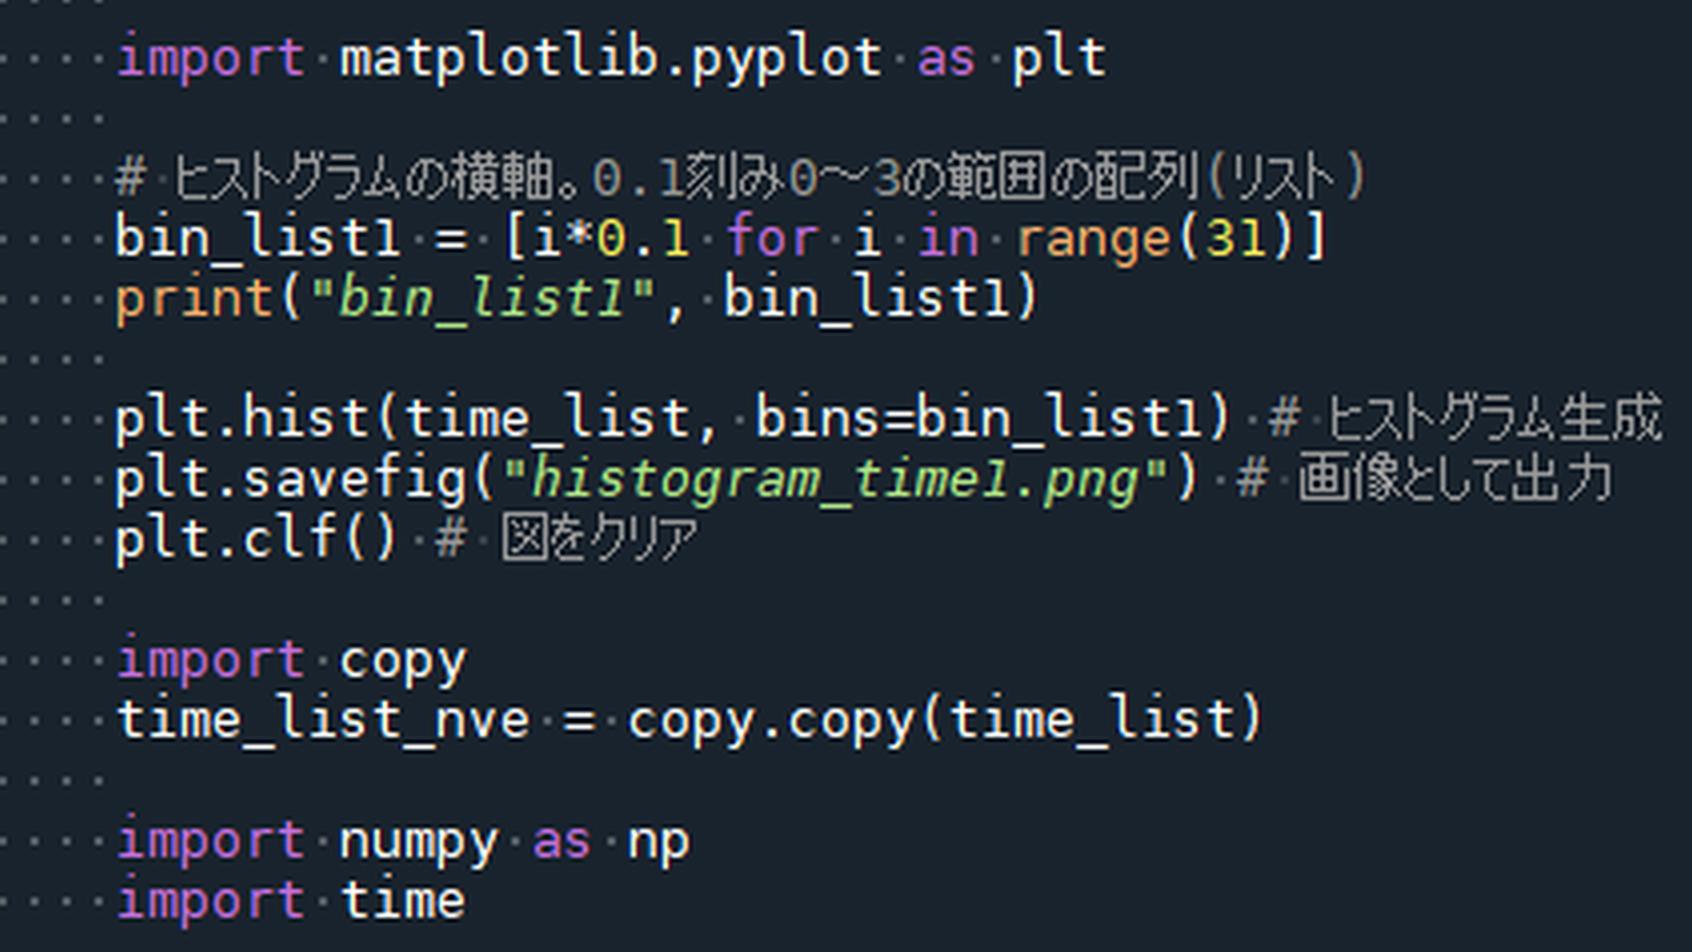 pythonプログラムコード